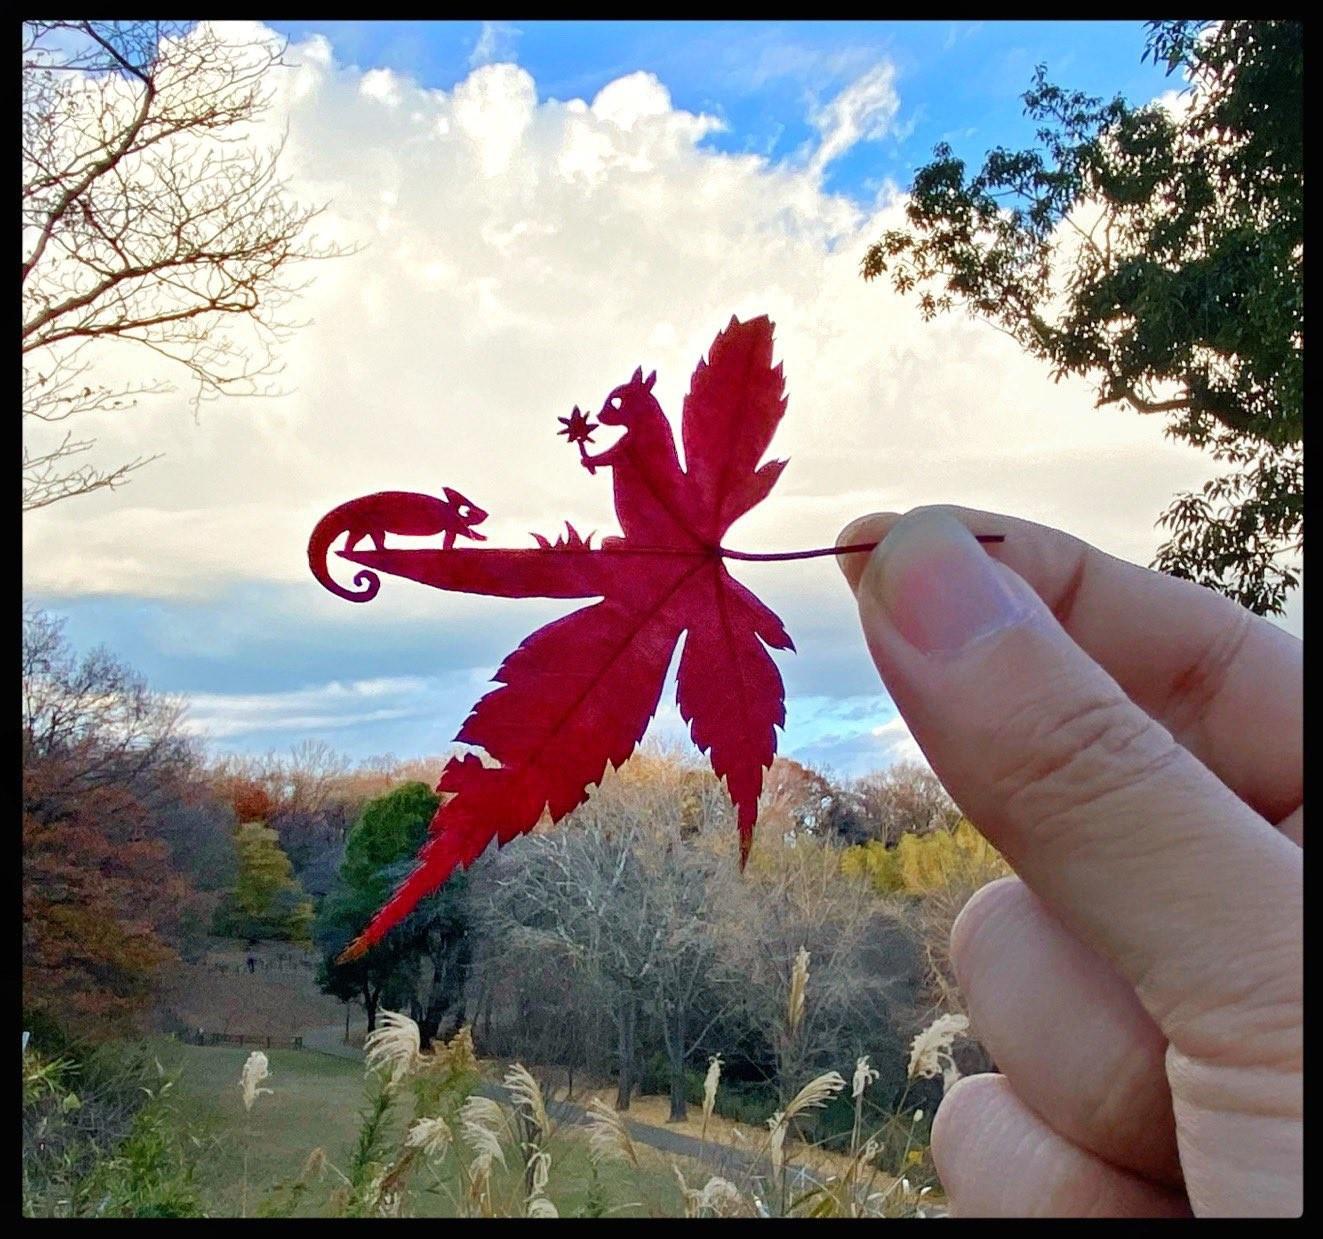 ADHDに気づいて人生が変わる…サラリーマンから、僕にしかできない「葉っぱ切り絵」の世界へ|まいどなニュース